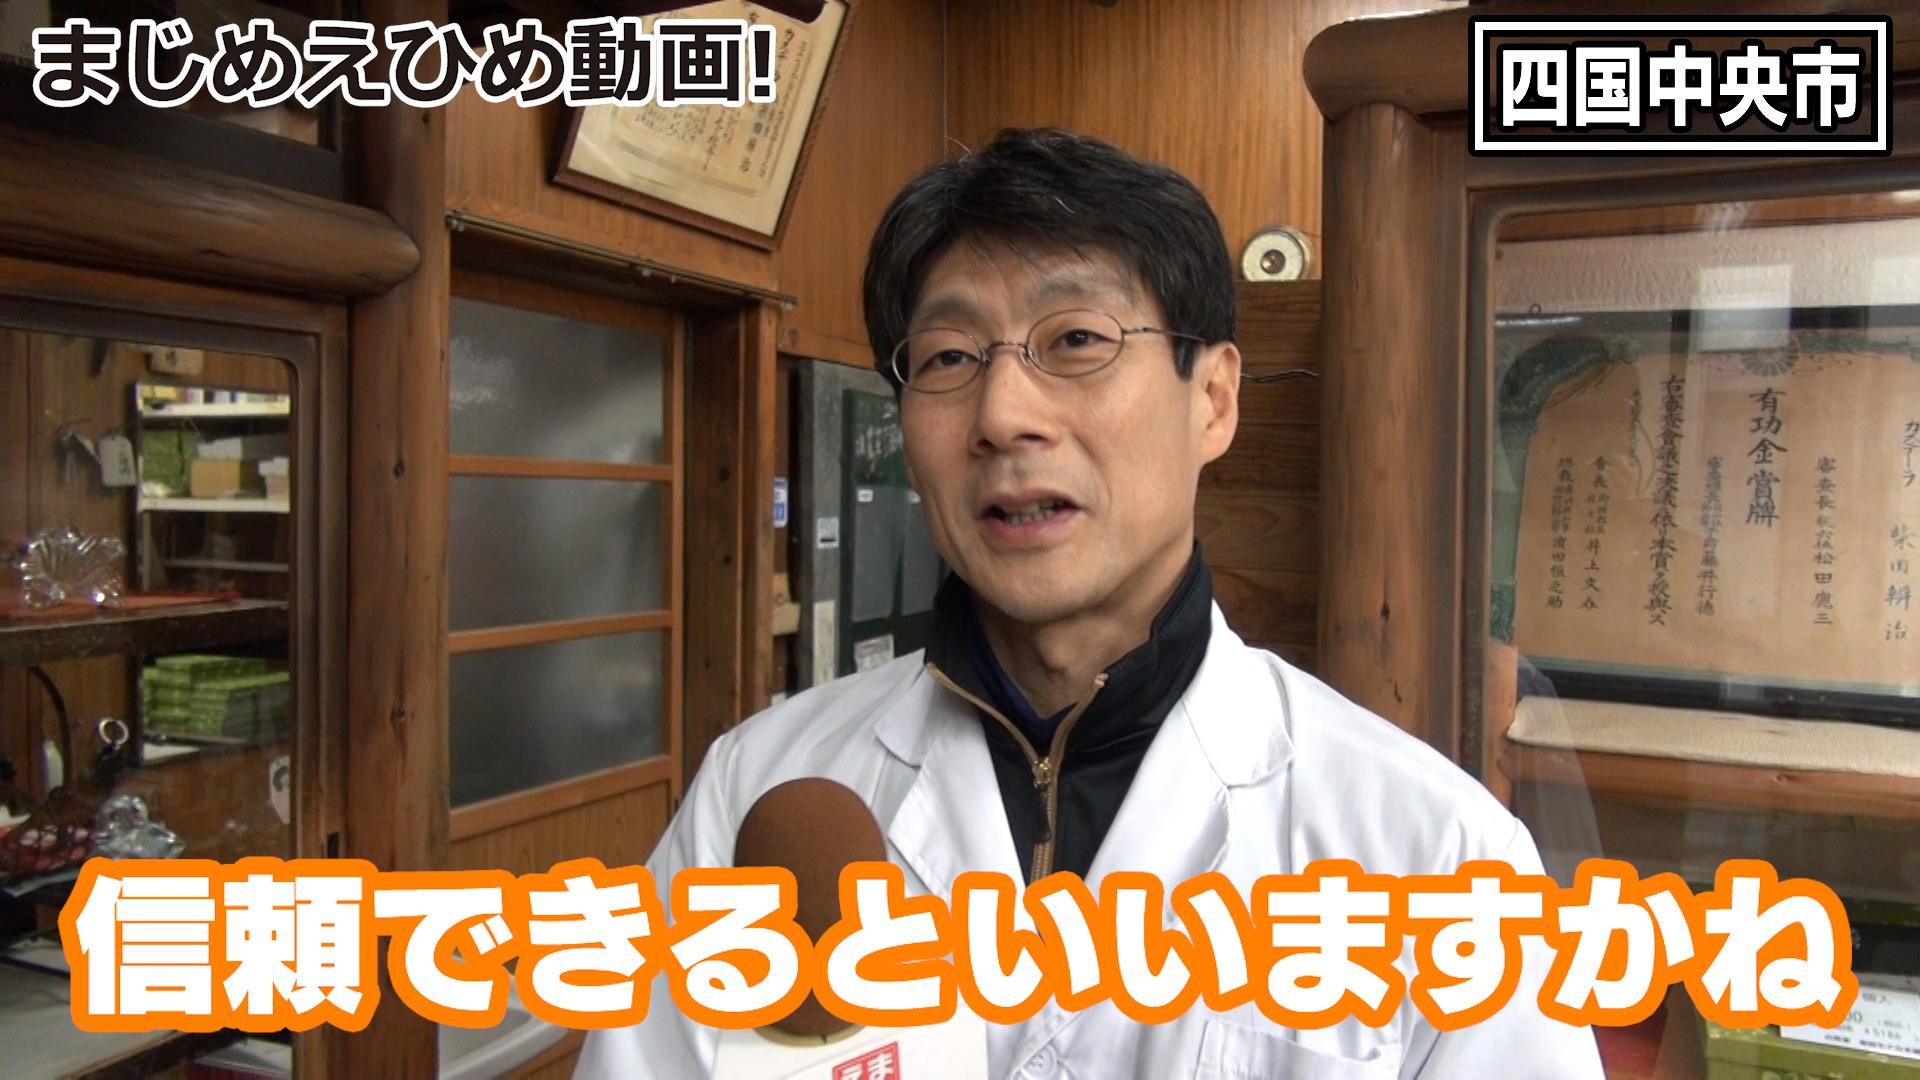 #32「モナカ屋社長カメラマンデビュー」